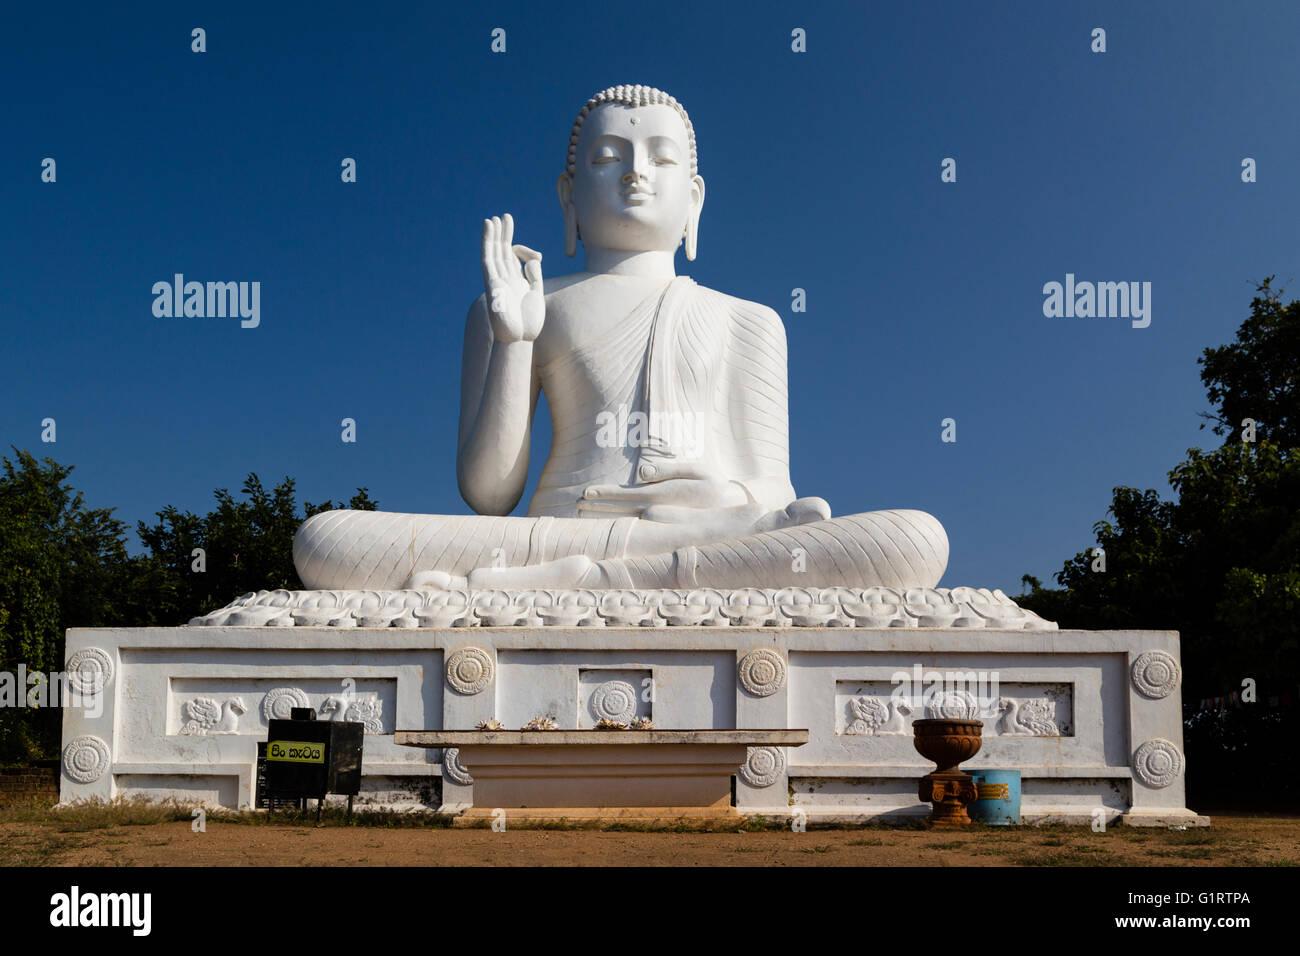 Seating Buddha, Mihintale, Anuradhapura, Sri Lanka Stock Photo